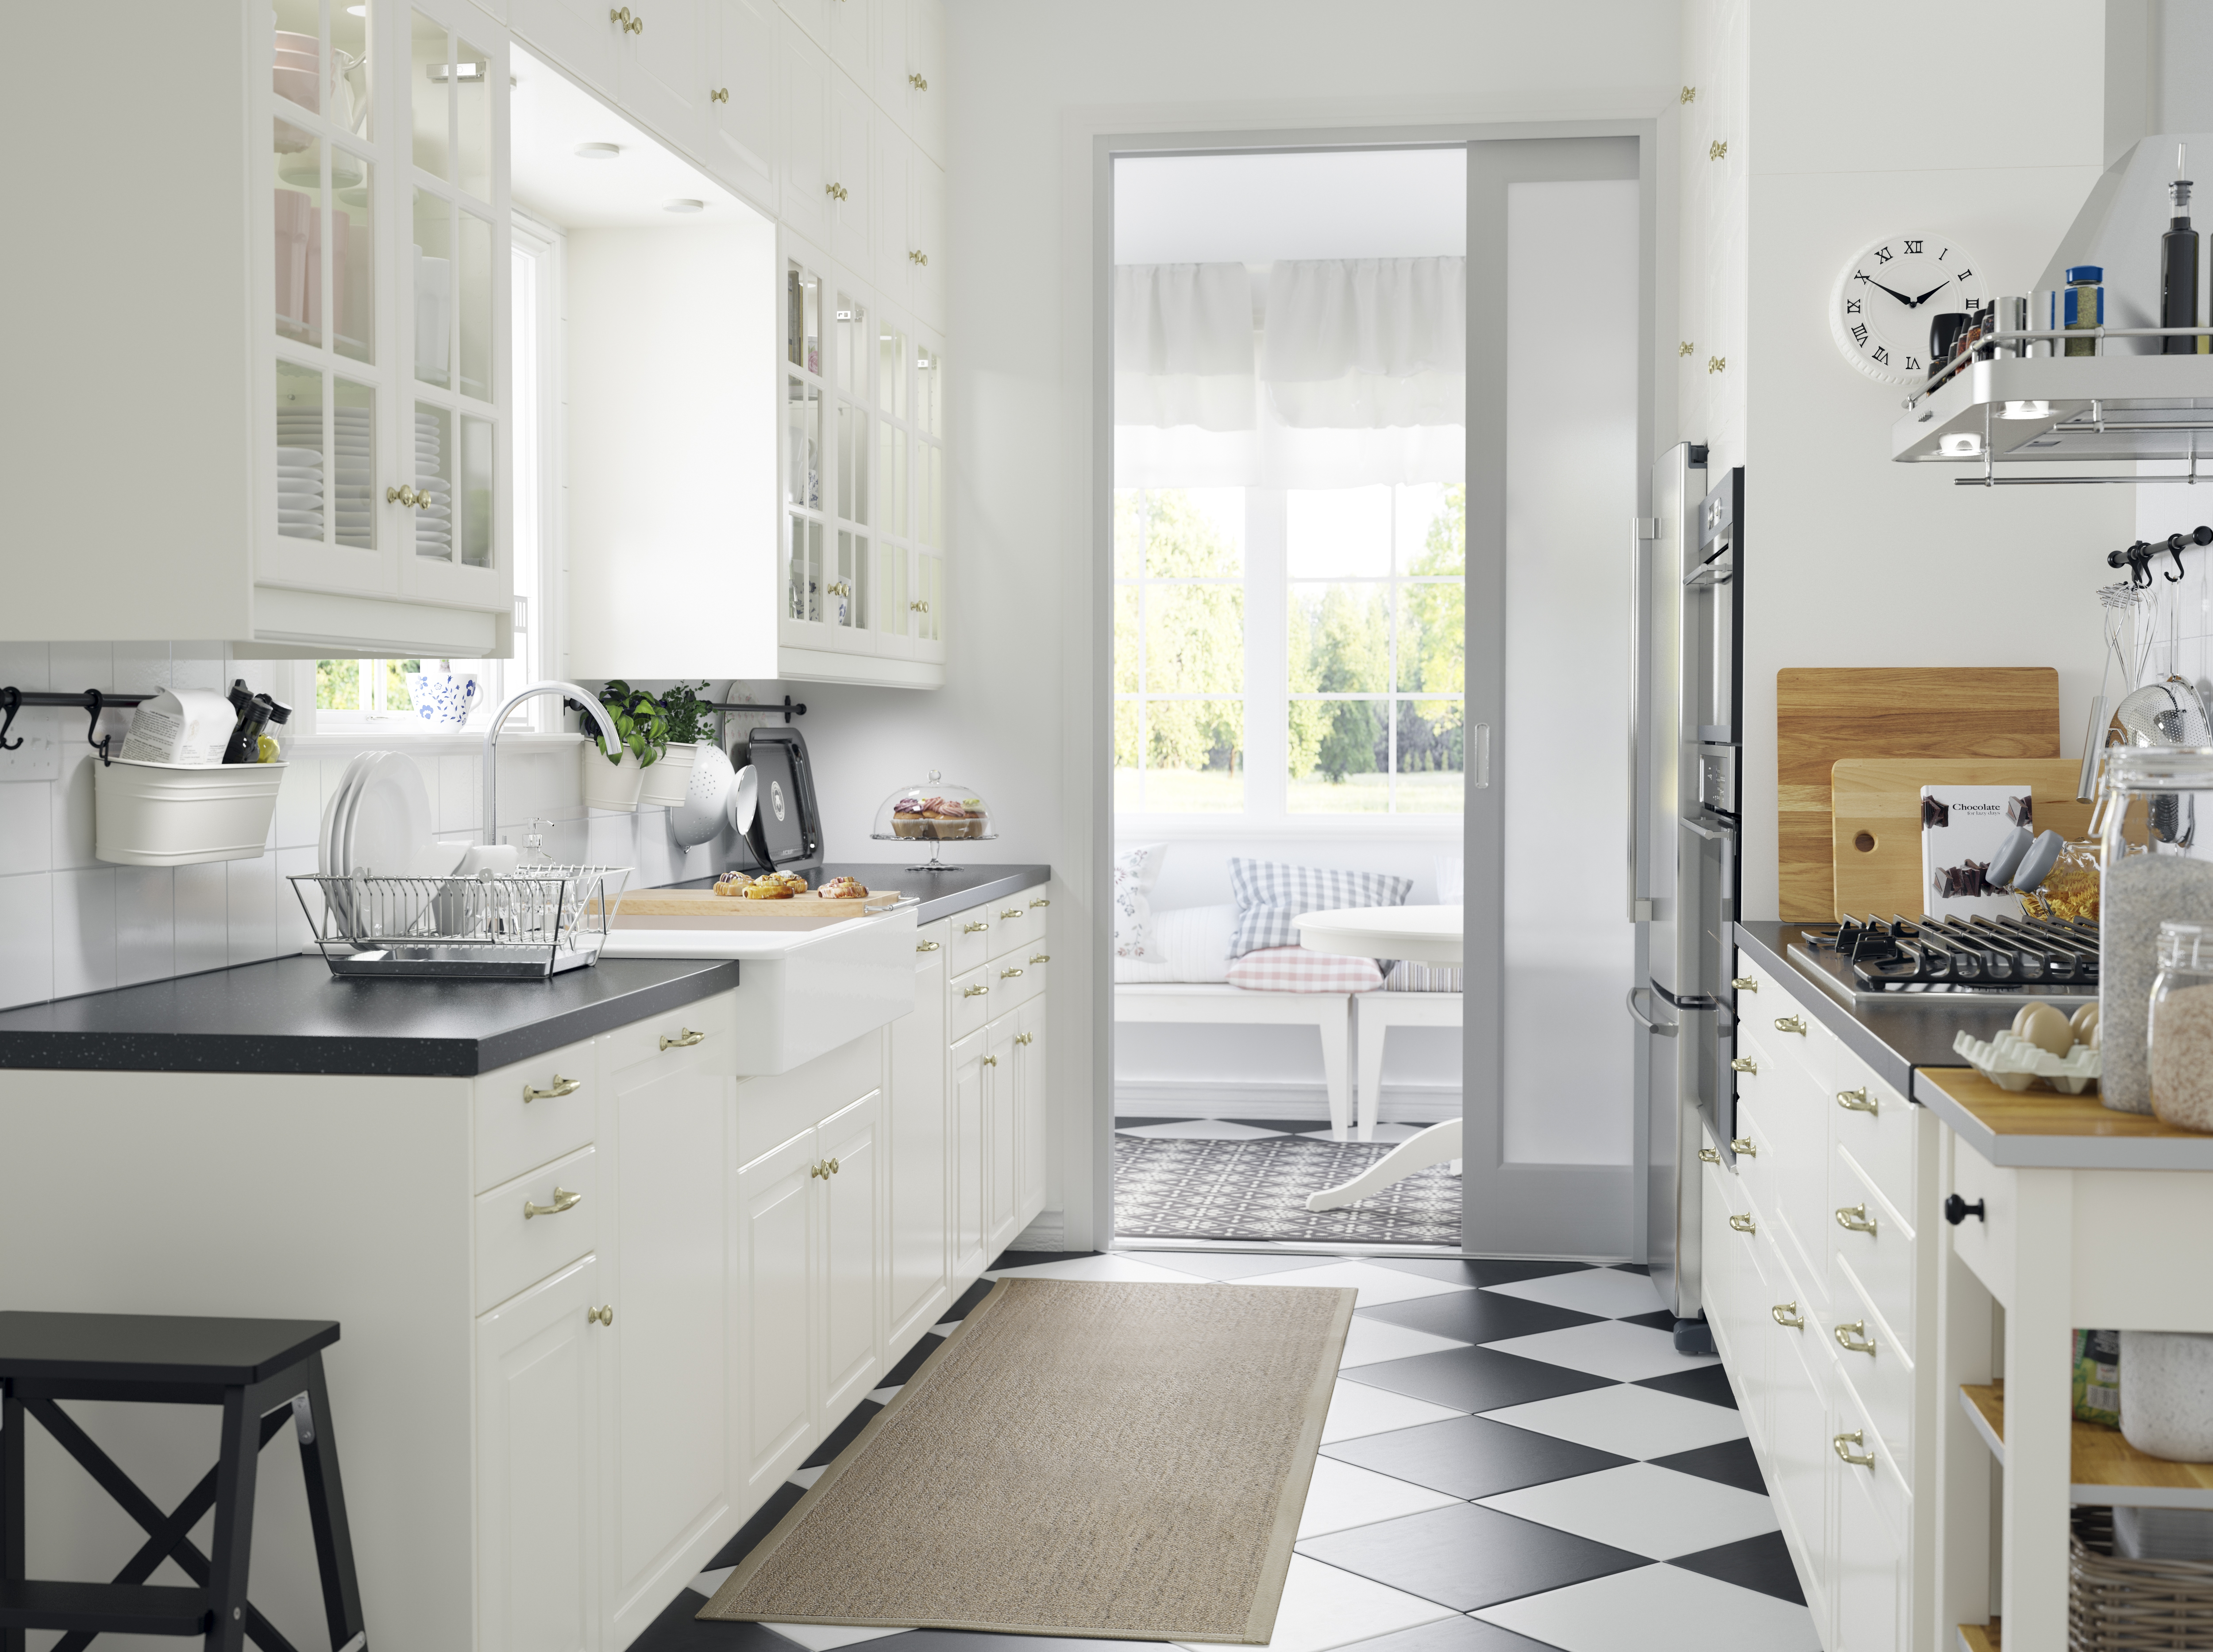 Ikea Küchen · Ratgeber Haus